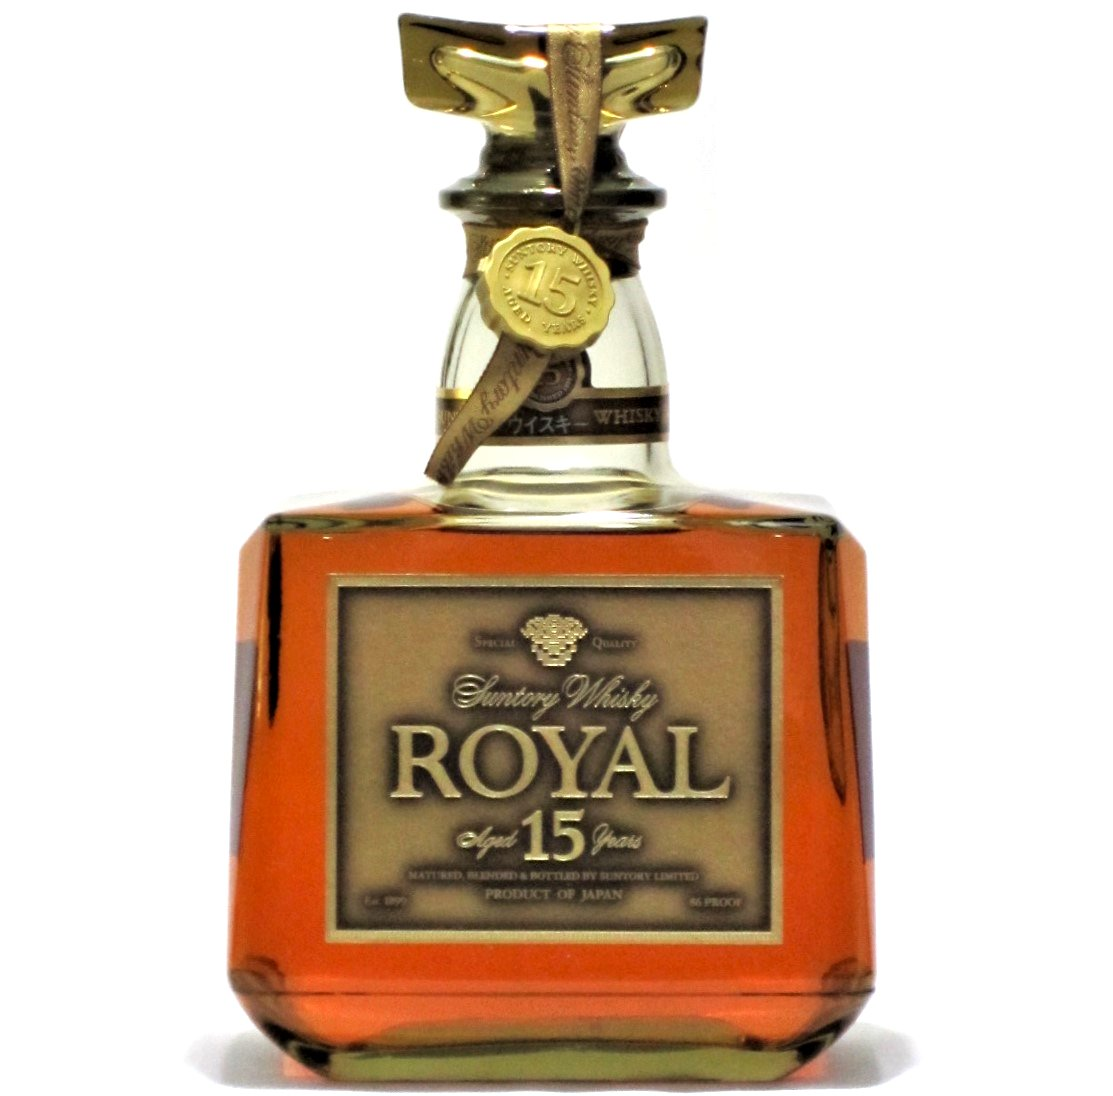 [古酒] サントリーウイスキー ローヤル 15年 ゴールドラベル クリアボトル 箱付き 43度 750ml